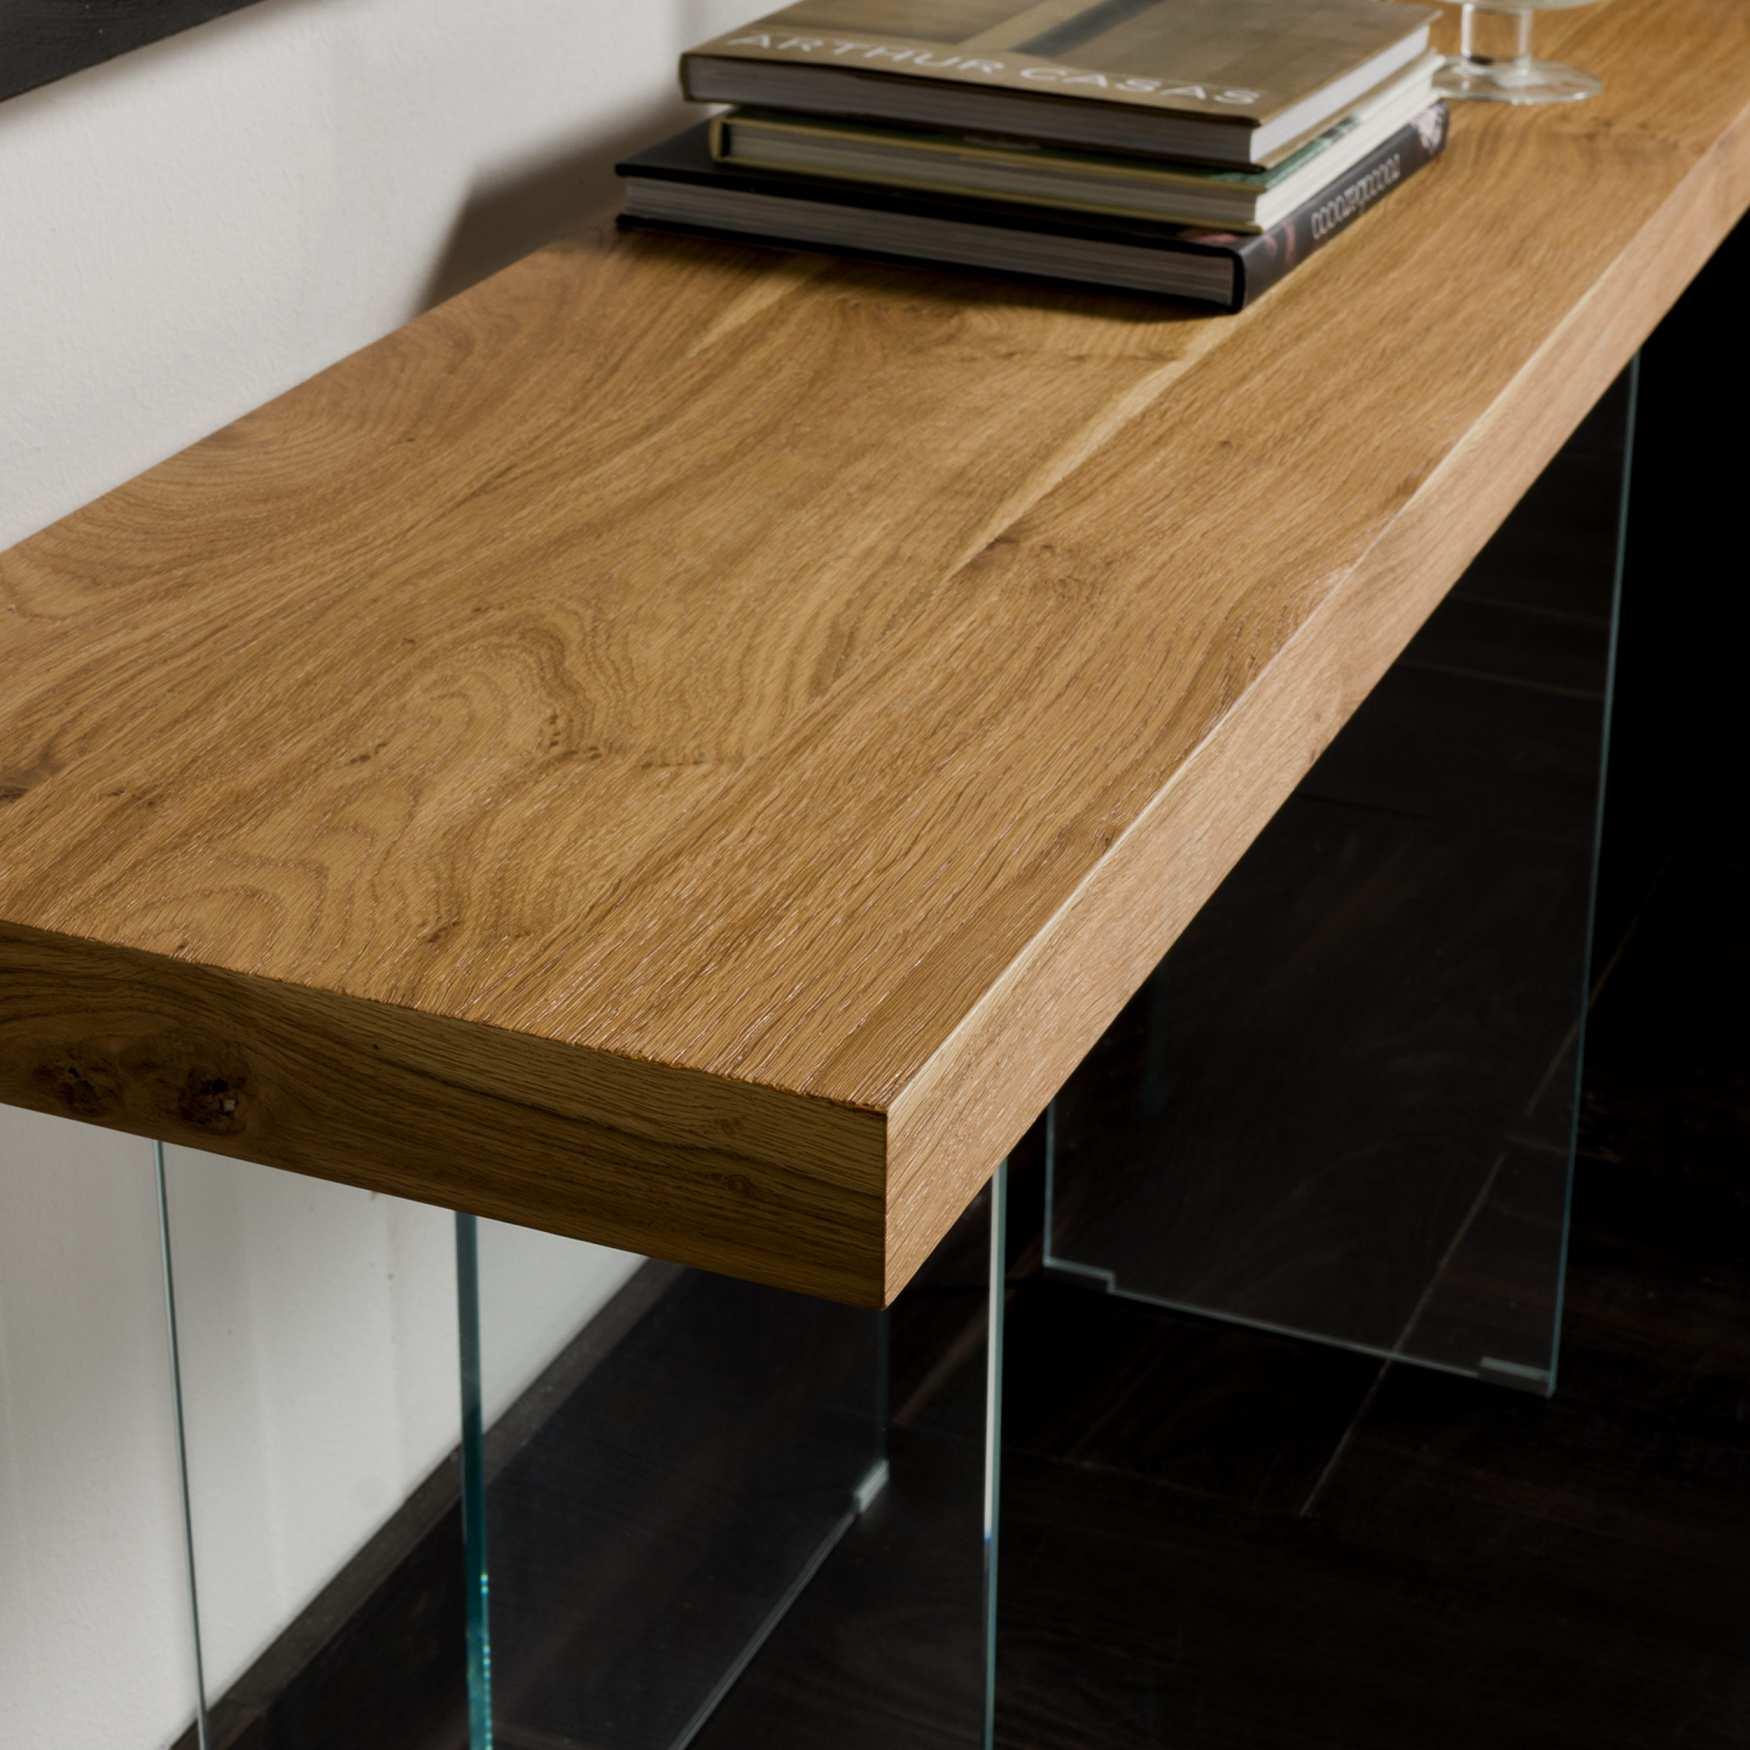 Consolle moderna legno e cristallo Flai   milanomondo